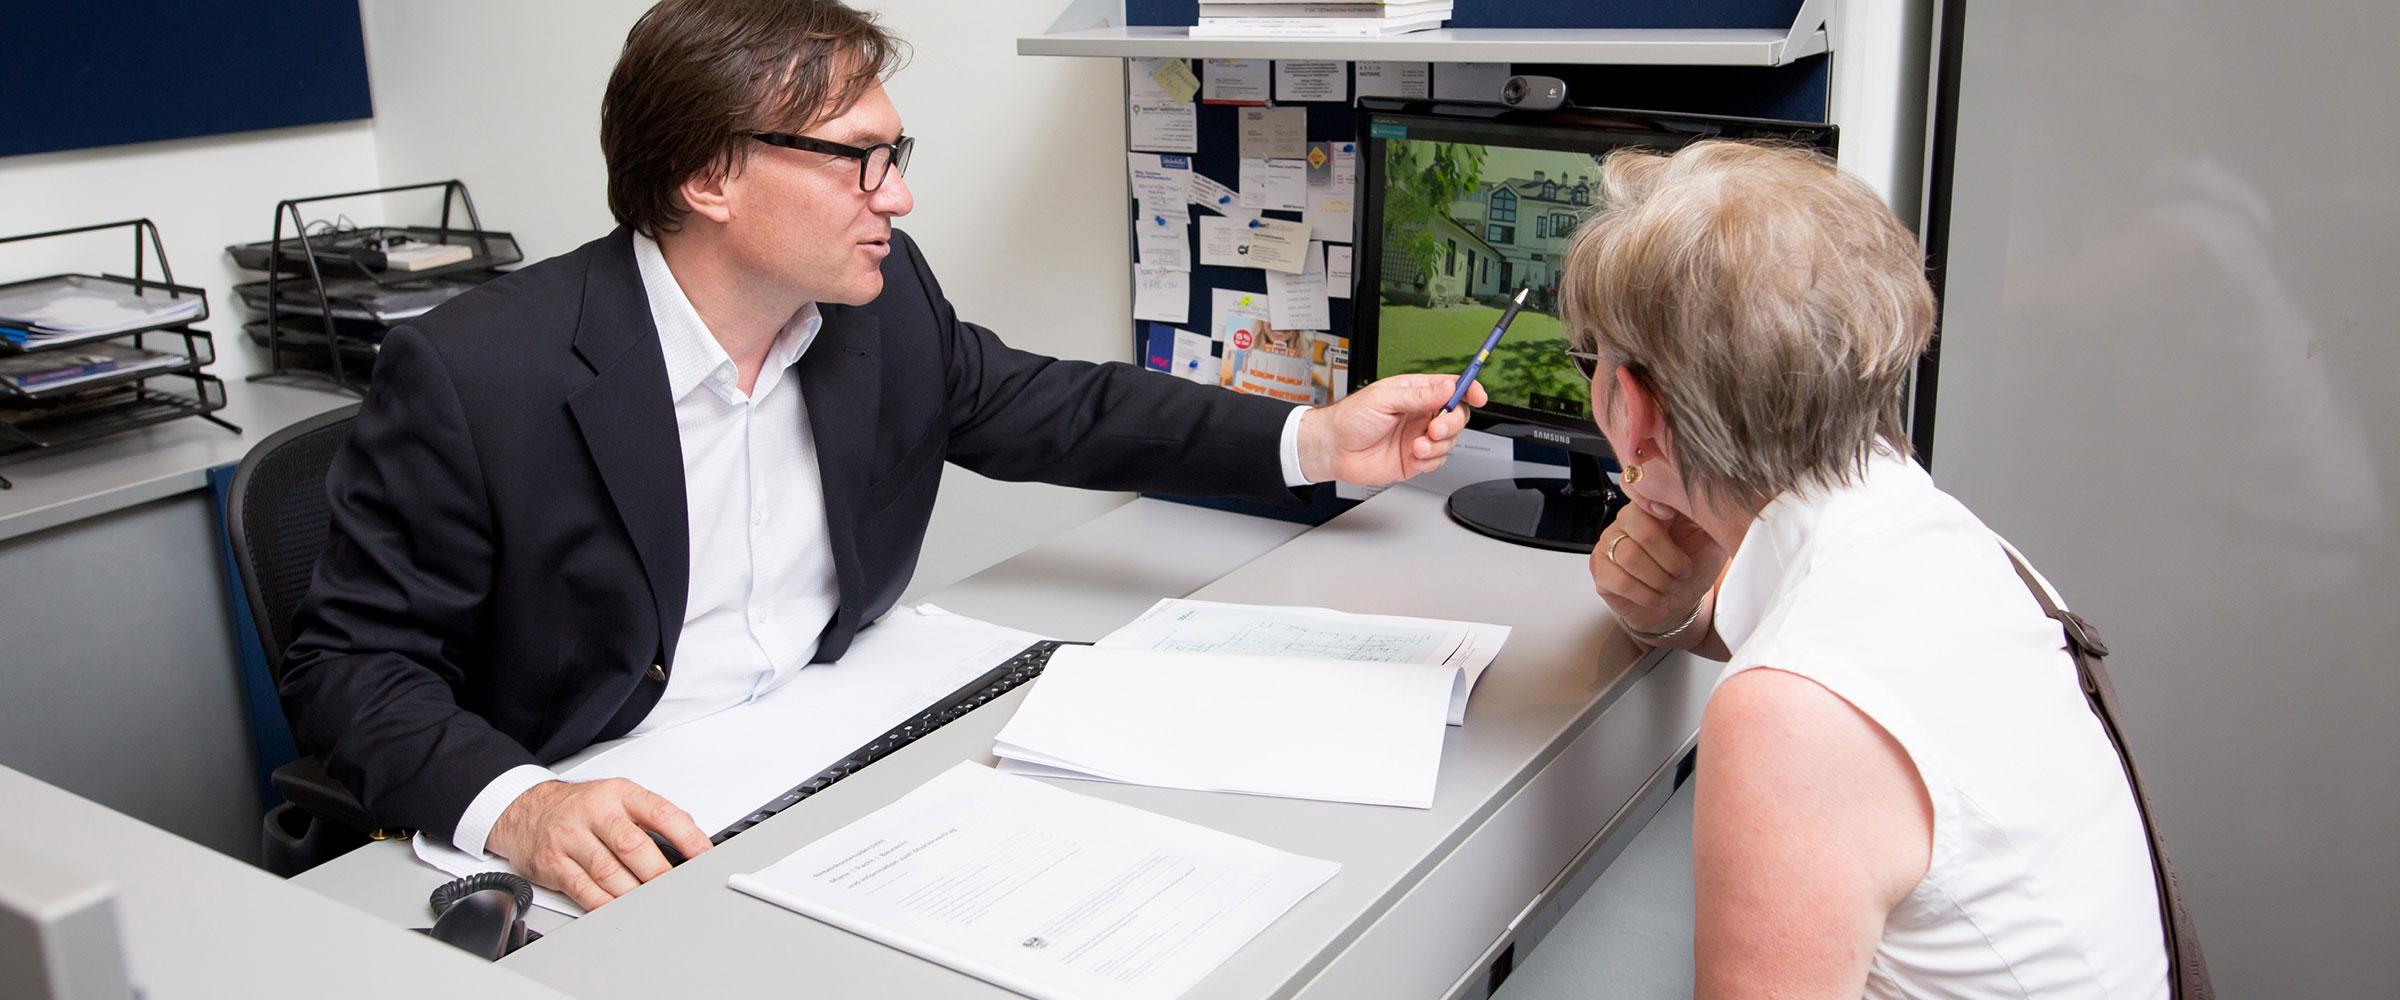 Stefan Polke beim Schreibtisch; gegenüber eine Kundin, der er ein Haus am Bildschirm präsentiert.